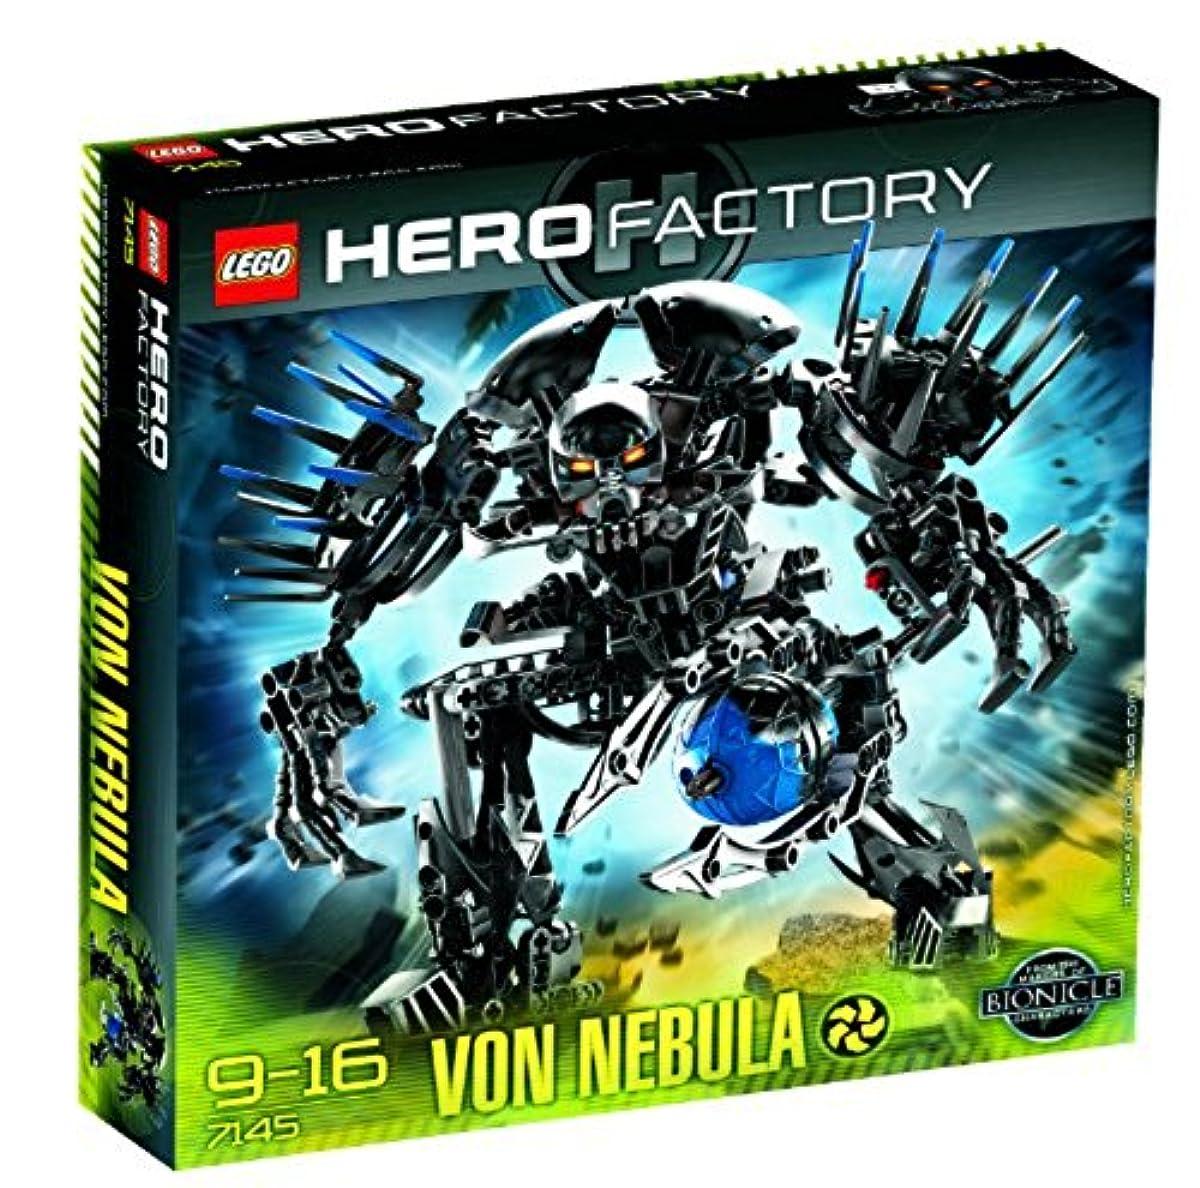 [해외] LEGO (레고) R HERO FACTORY VON NEBULA 7145 블럭 장난감 (병행수입)